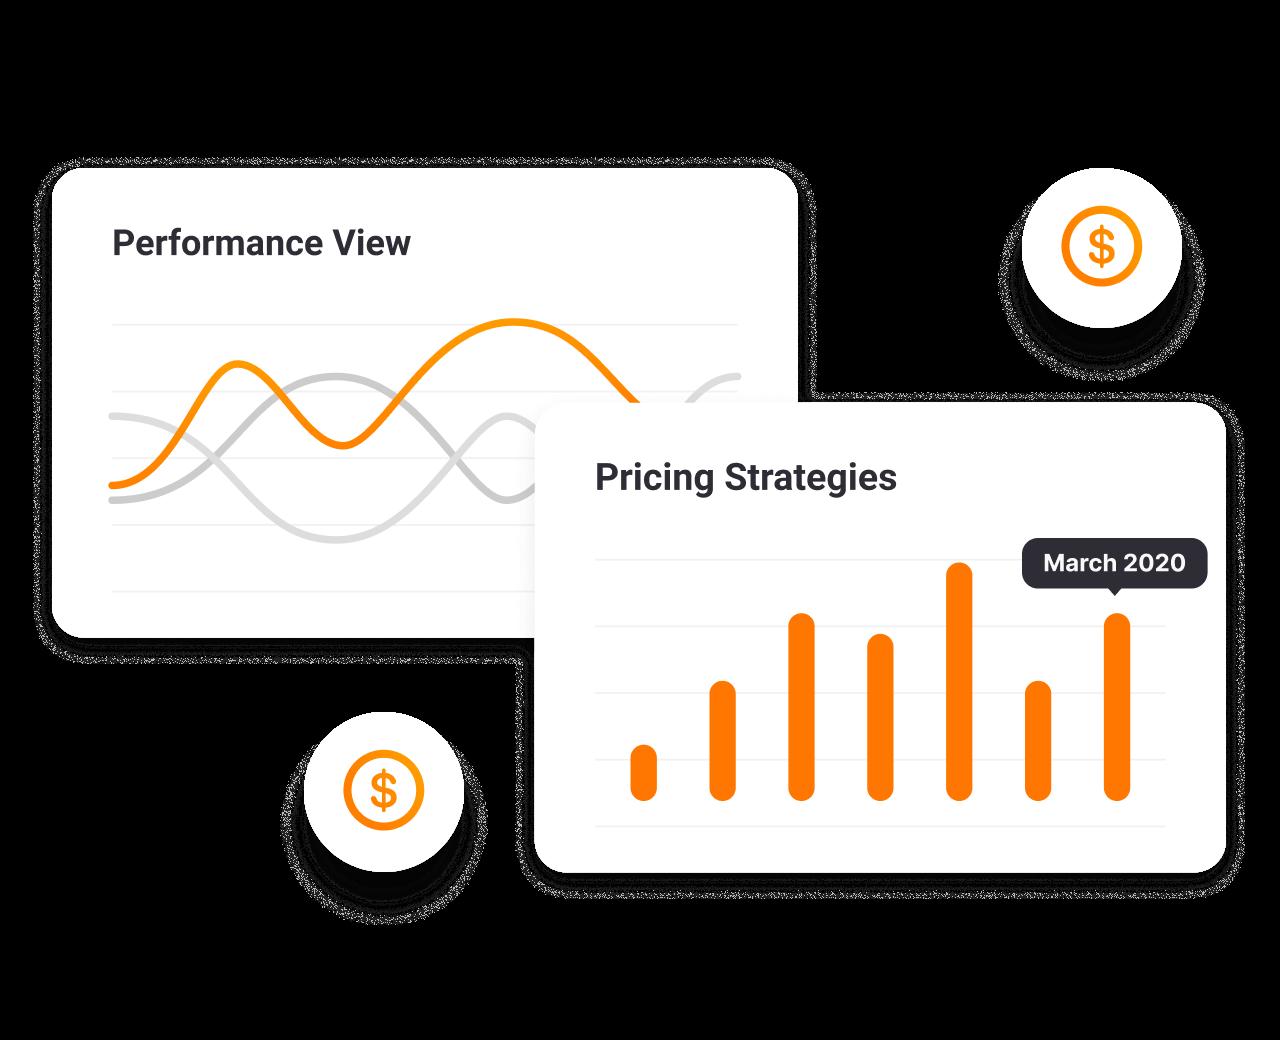 Compruebe cómo otros competidores están exponiendo sus precios. Puede tener el control total de sus precios y gestionarlos en función de las condiciones del mercado.